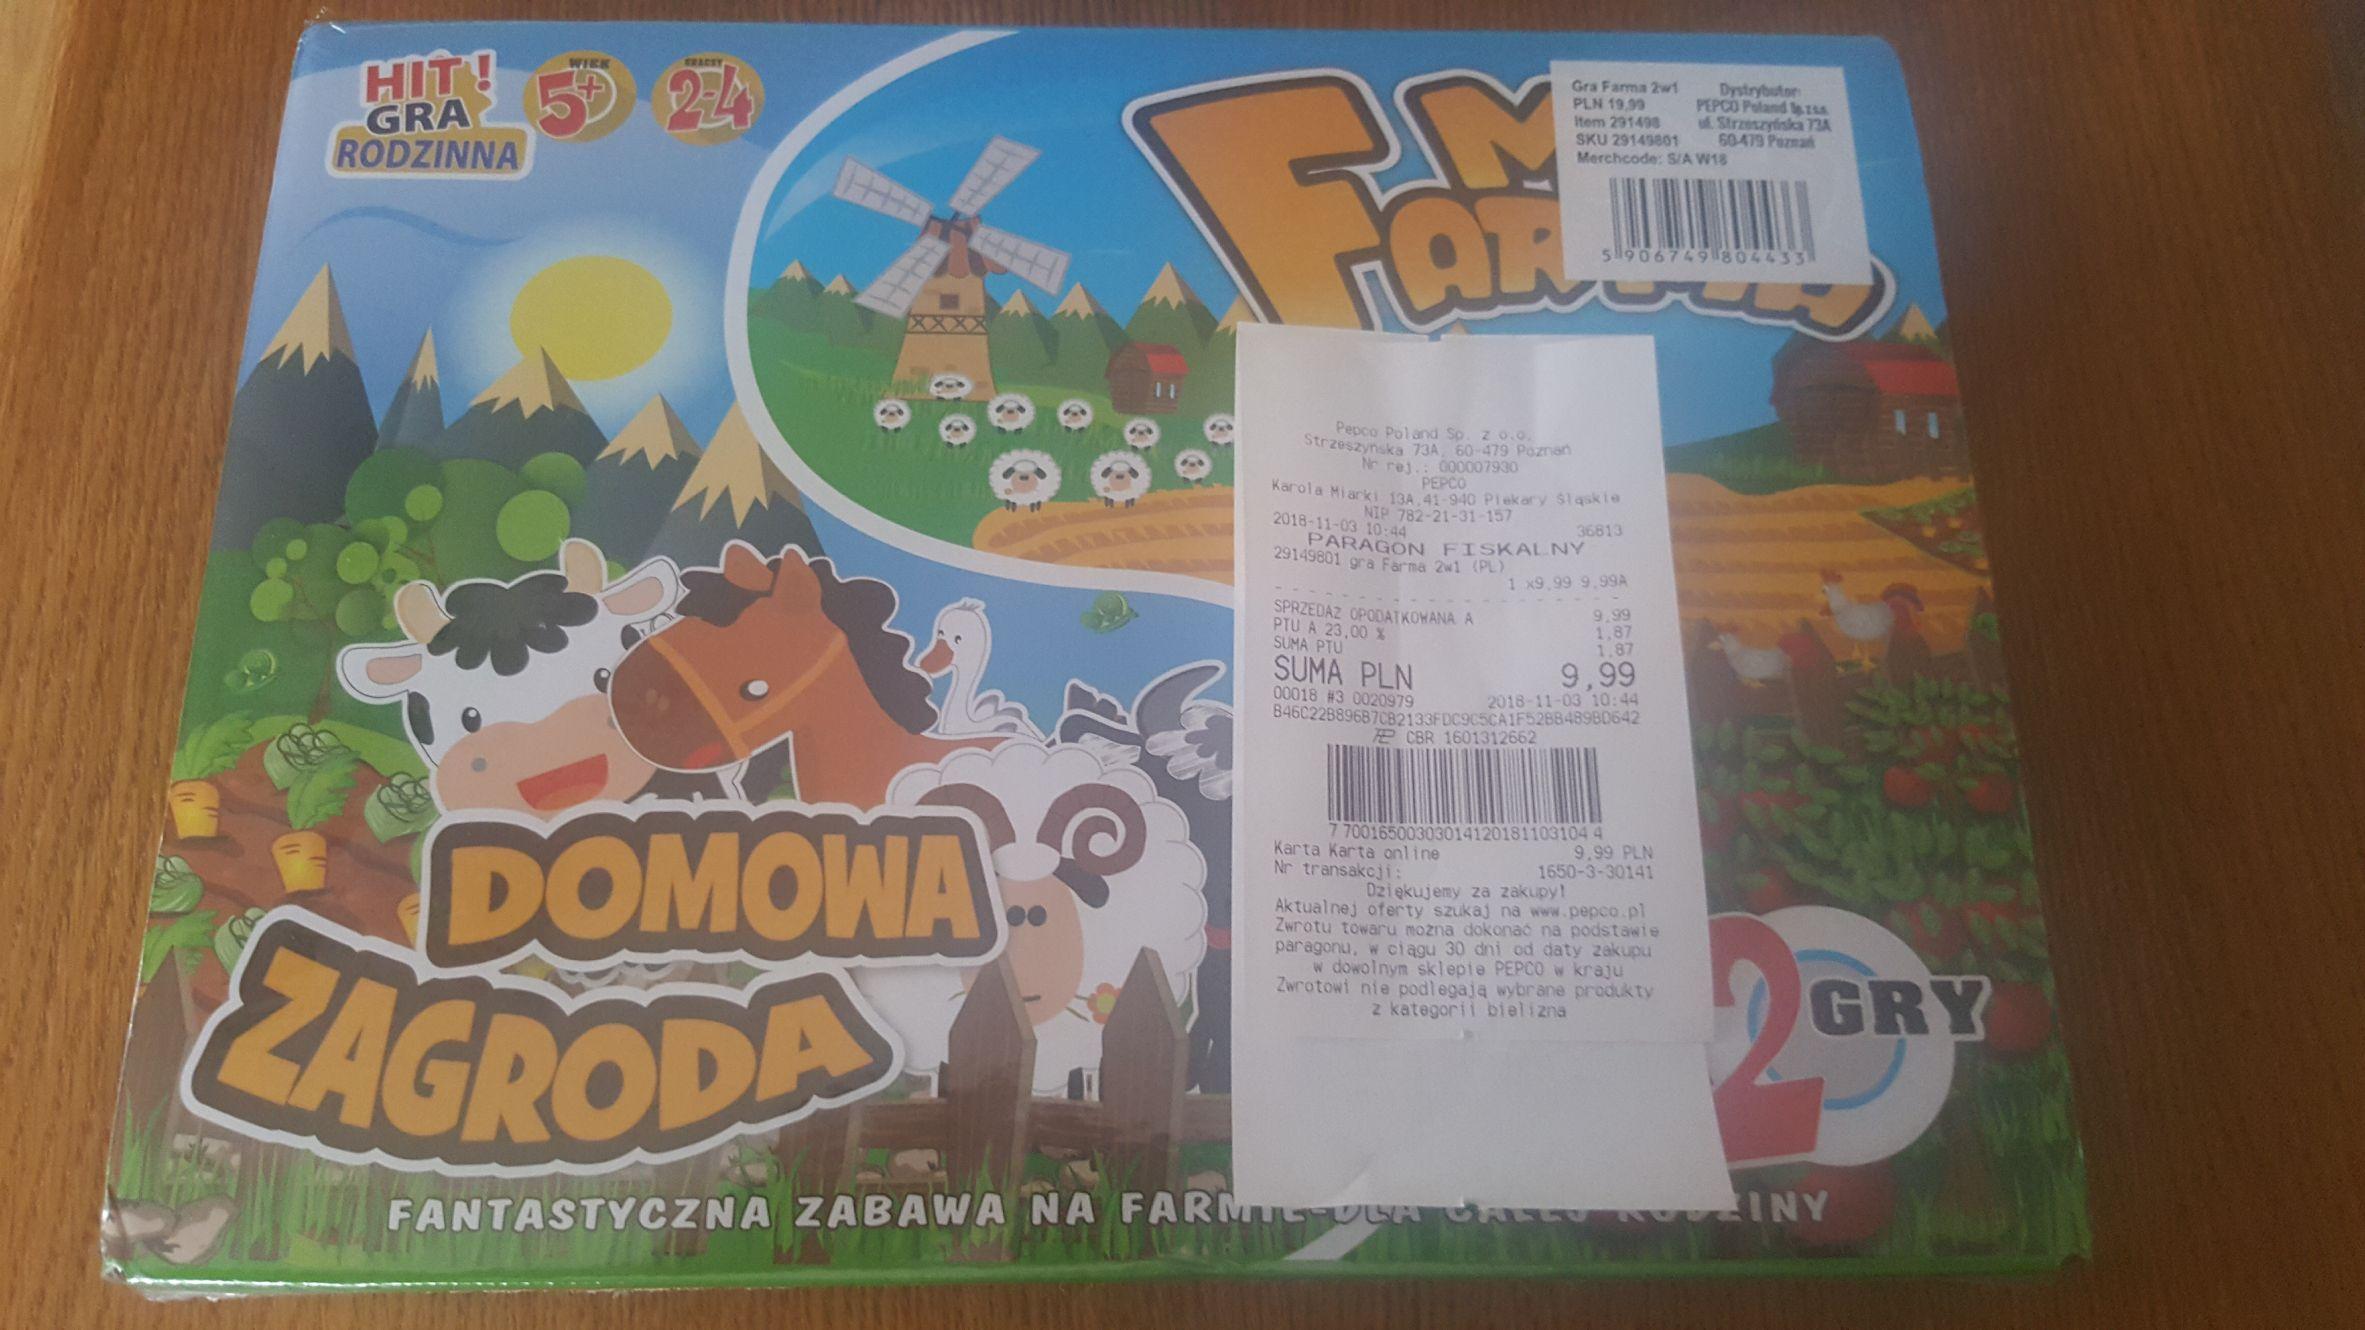 Gra rodzinna dla dzieci(Mini farma,Domowa zagroda) - Pepco